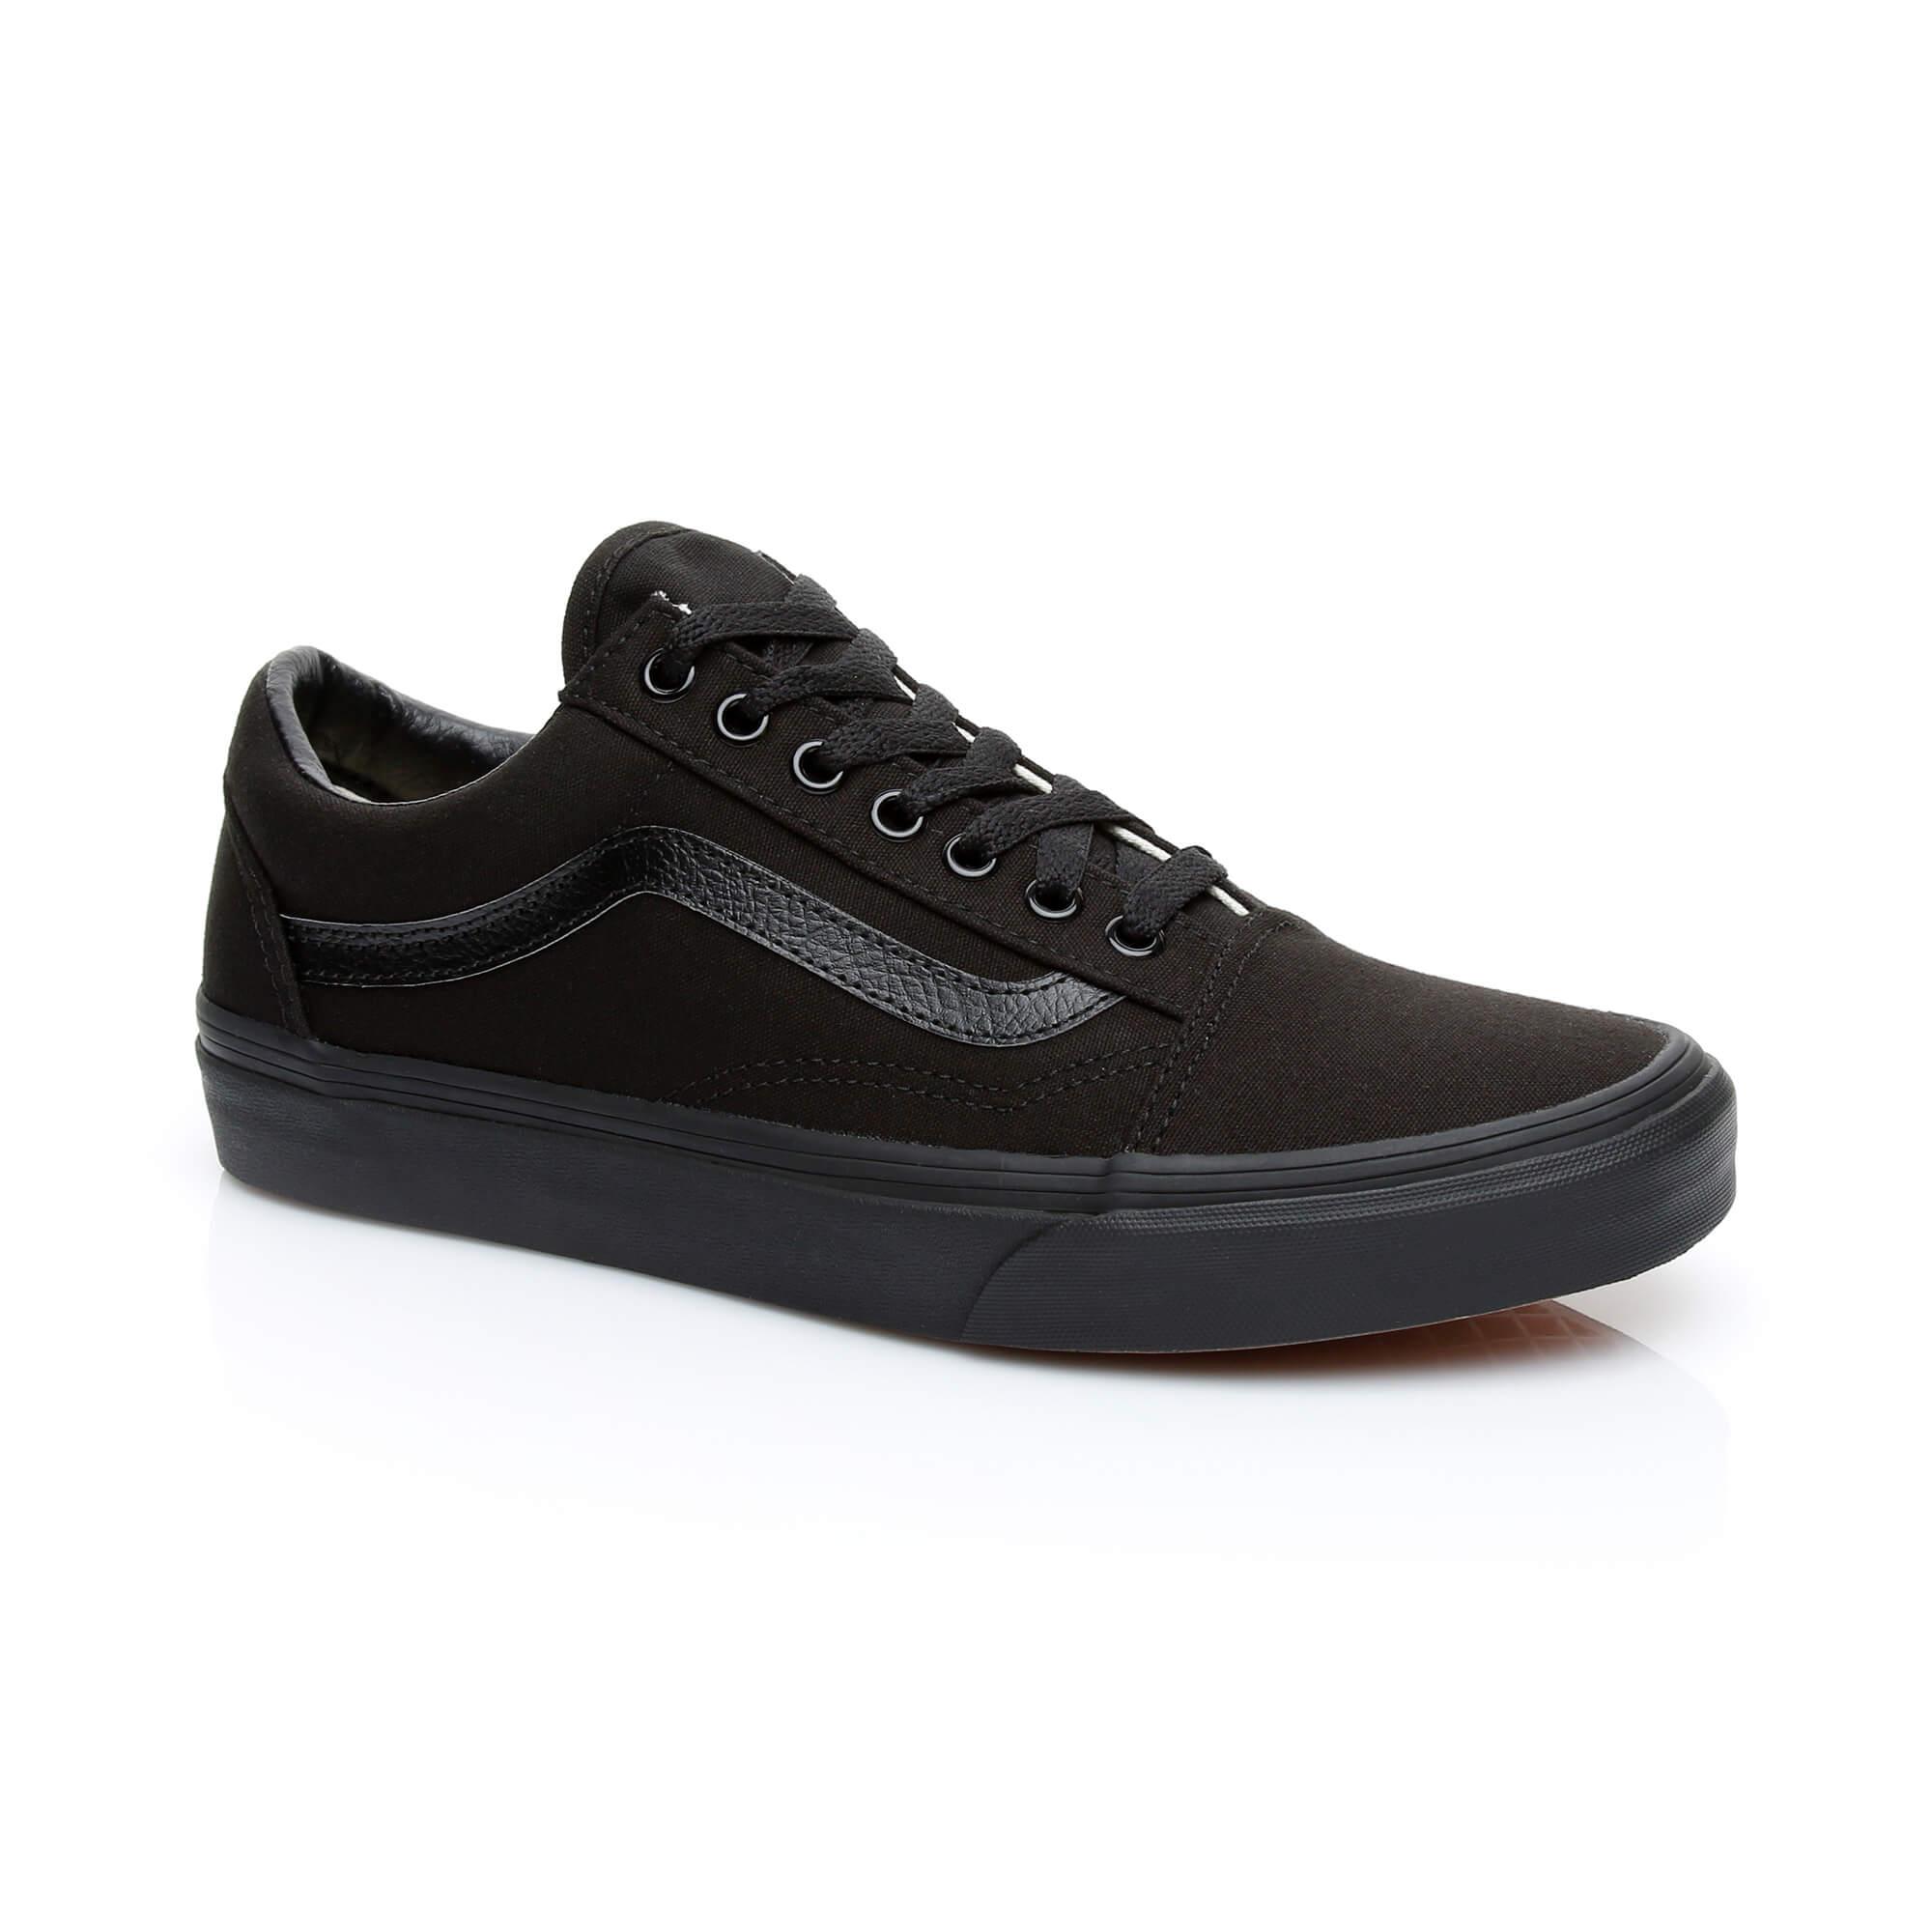 cd5081ad51 Vans Old Skool Unisex Siyah Sneaker Kadin Sneaker 3131443